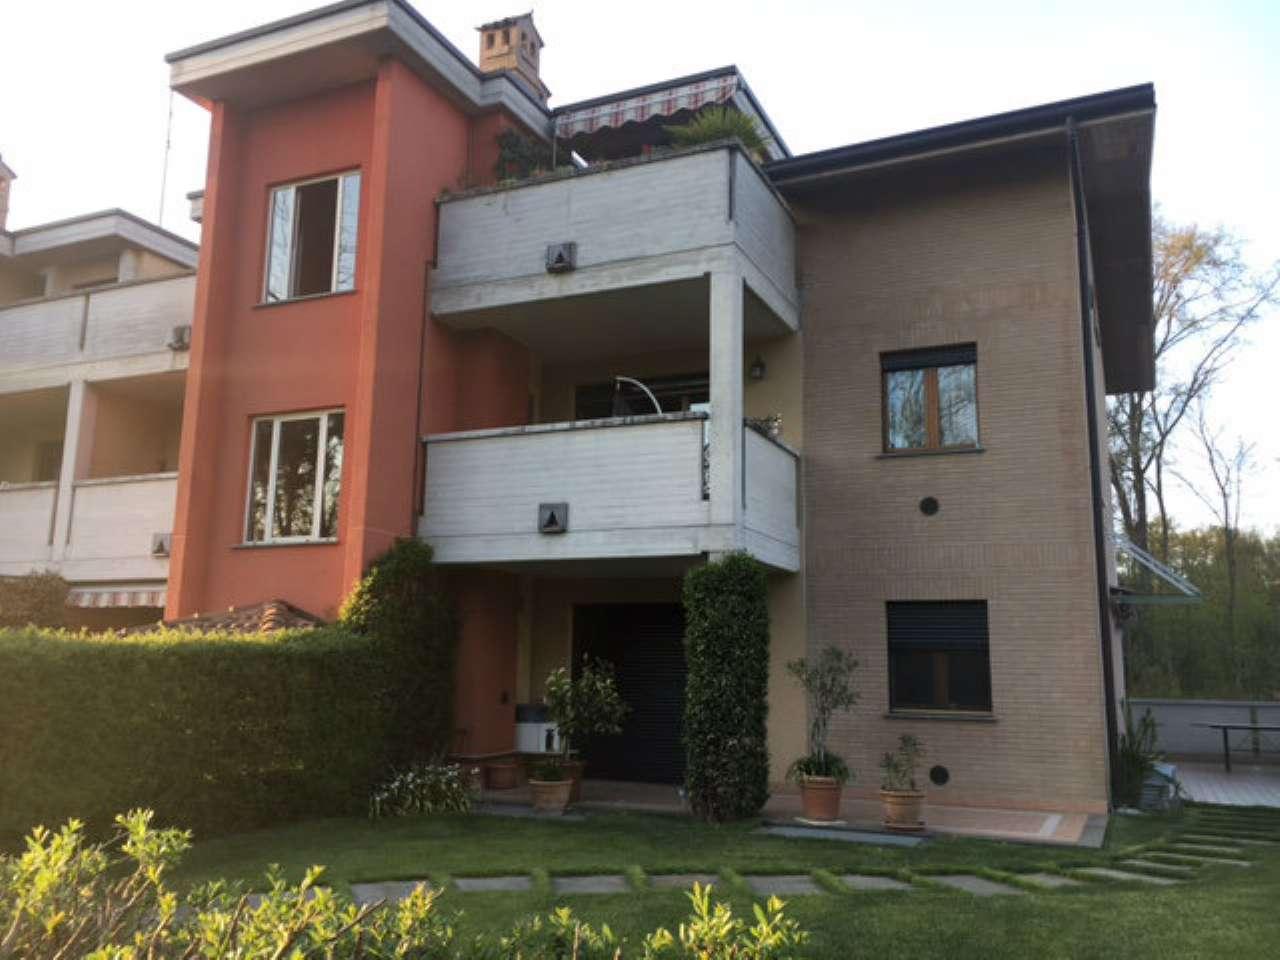 Appartamento in vendita a Lazzate, 3 locali, prezzo € 185.000 | CambioCasa.it